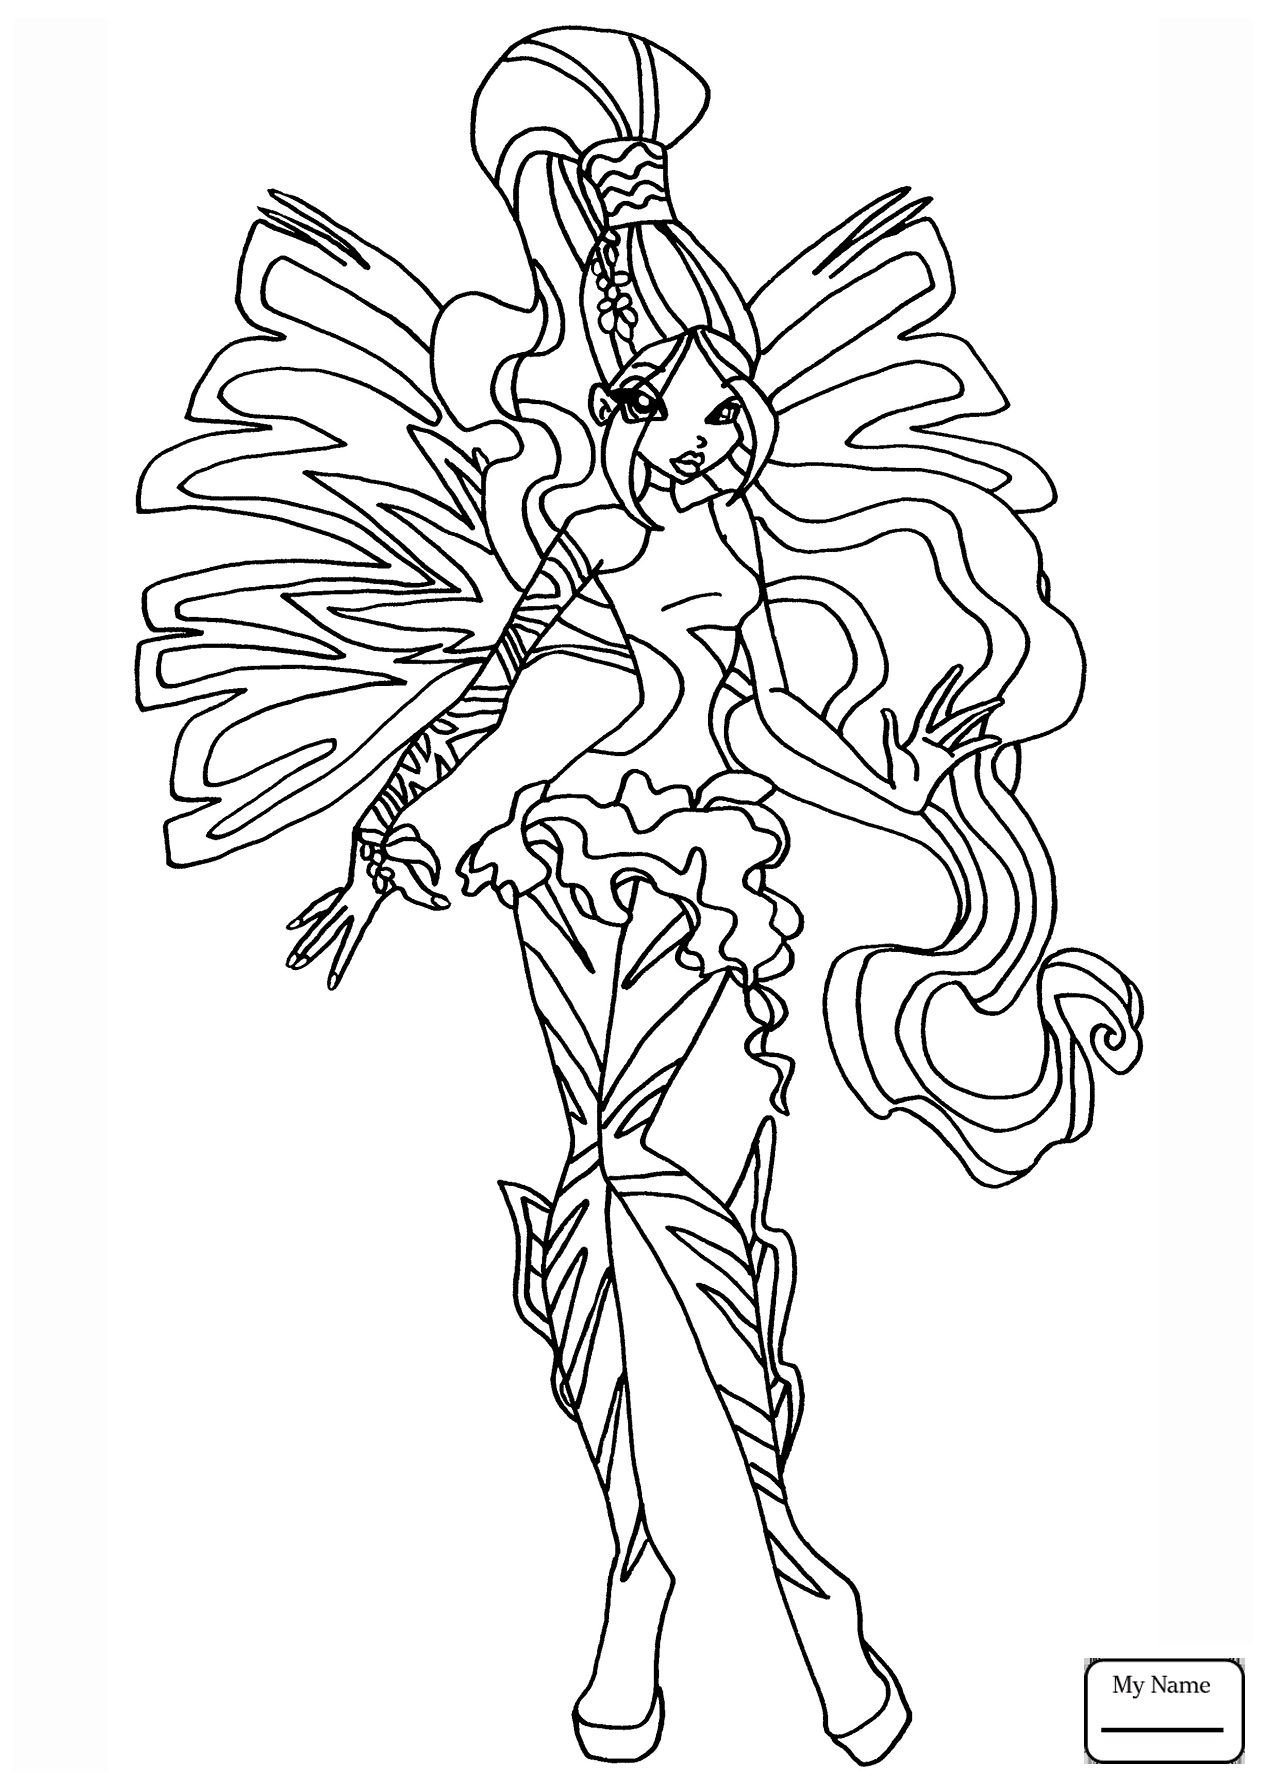 Tranh Tô Màu Công Chúa Winx Layla 45